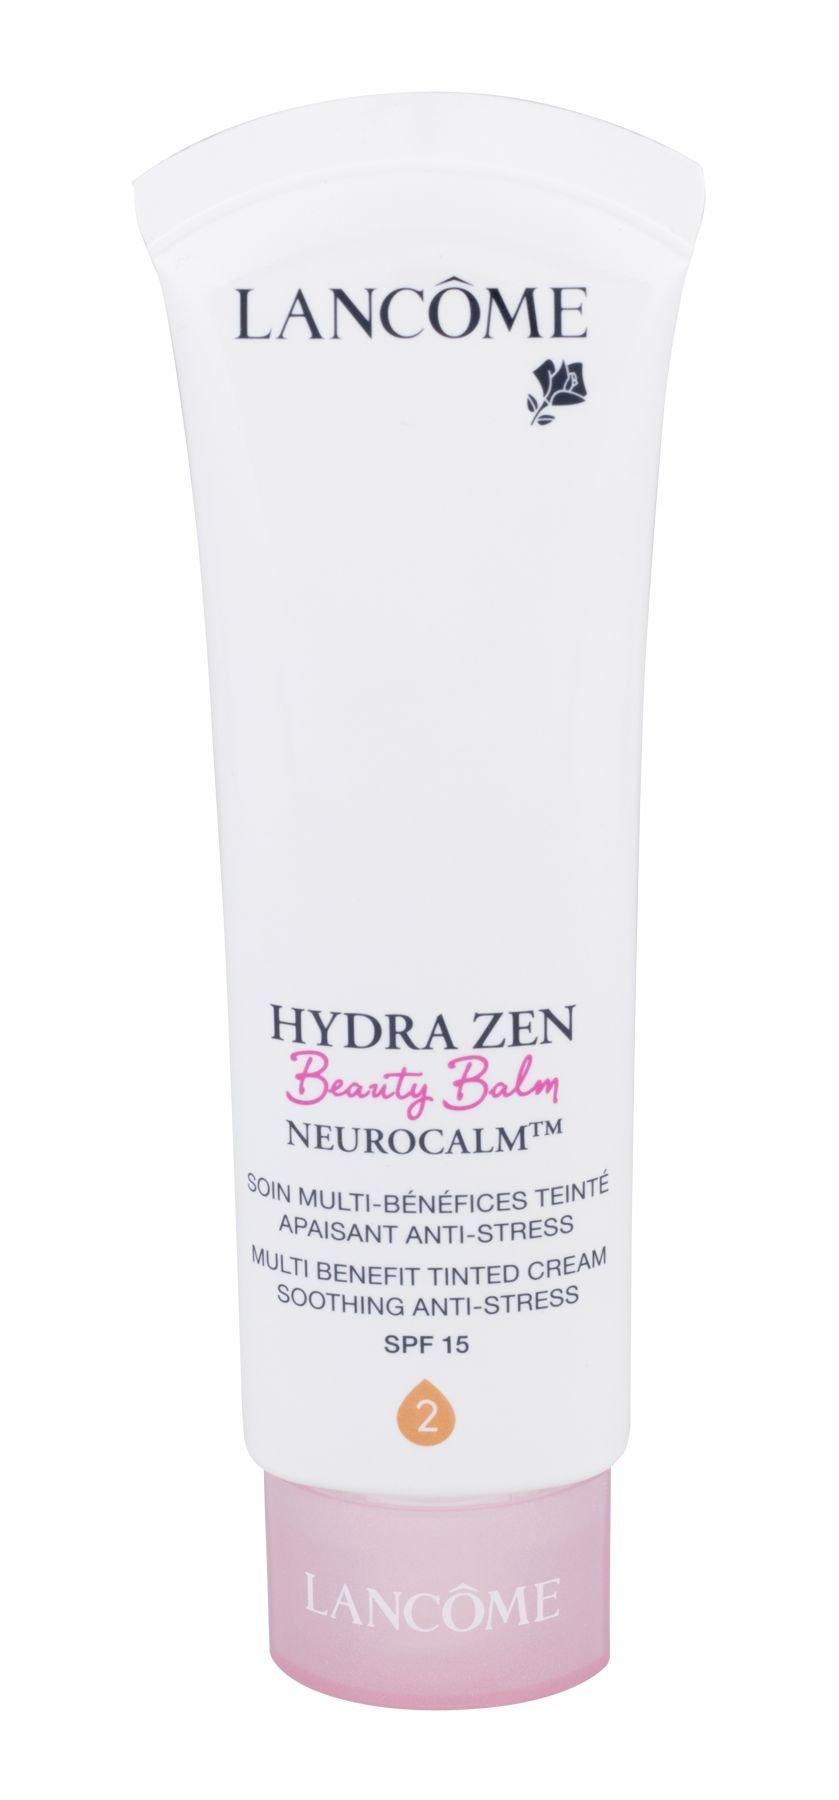 Lancôme Hydra Zen Cosmetic 50ml 2 Sand